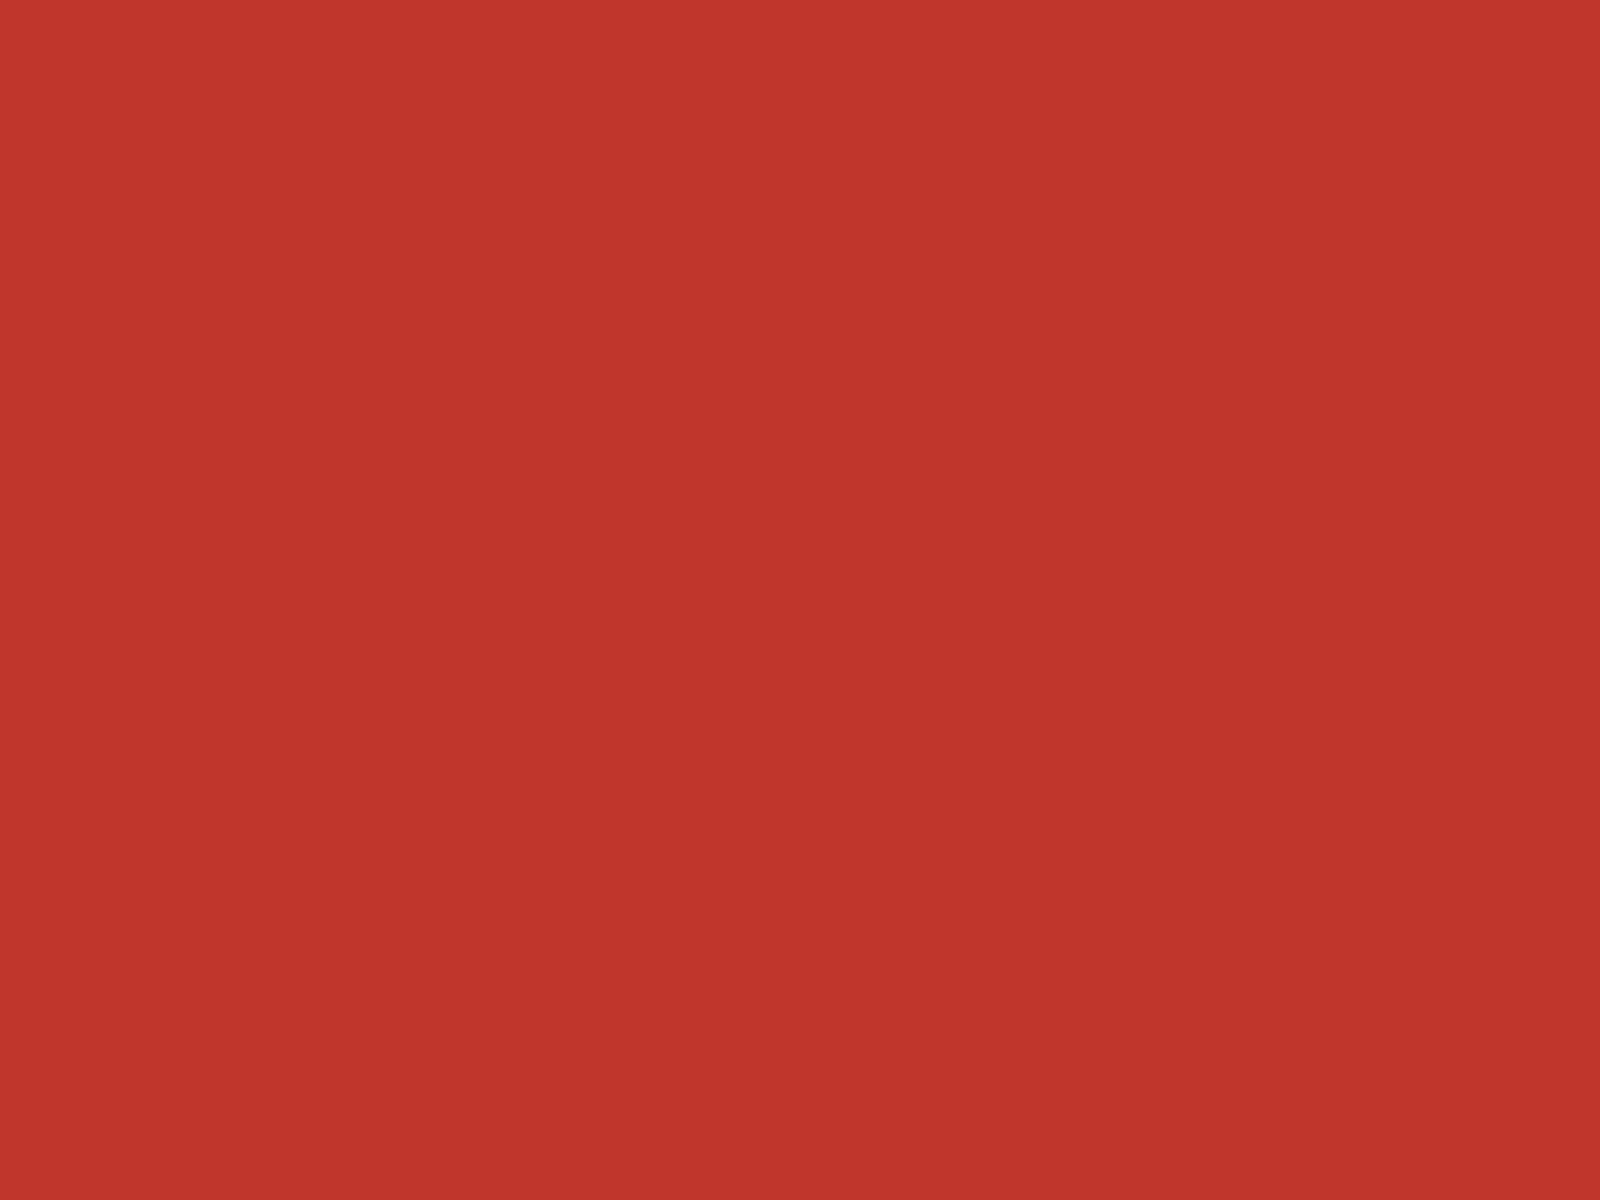 1600x1200 International Orange Golden Gate Bridge Solid Color Background